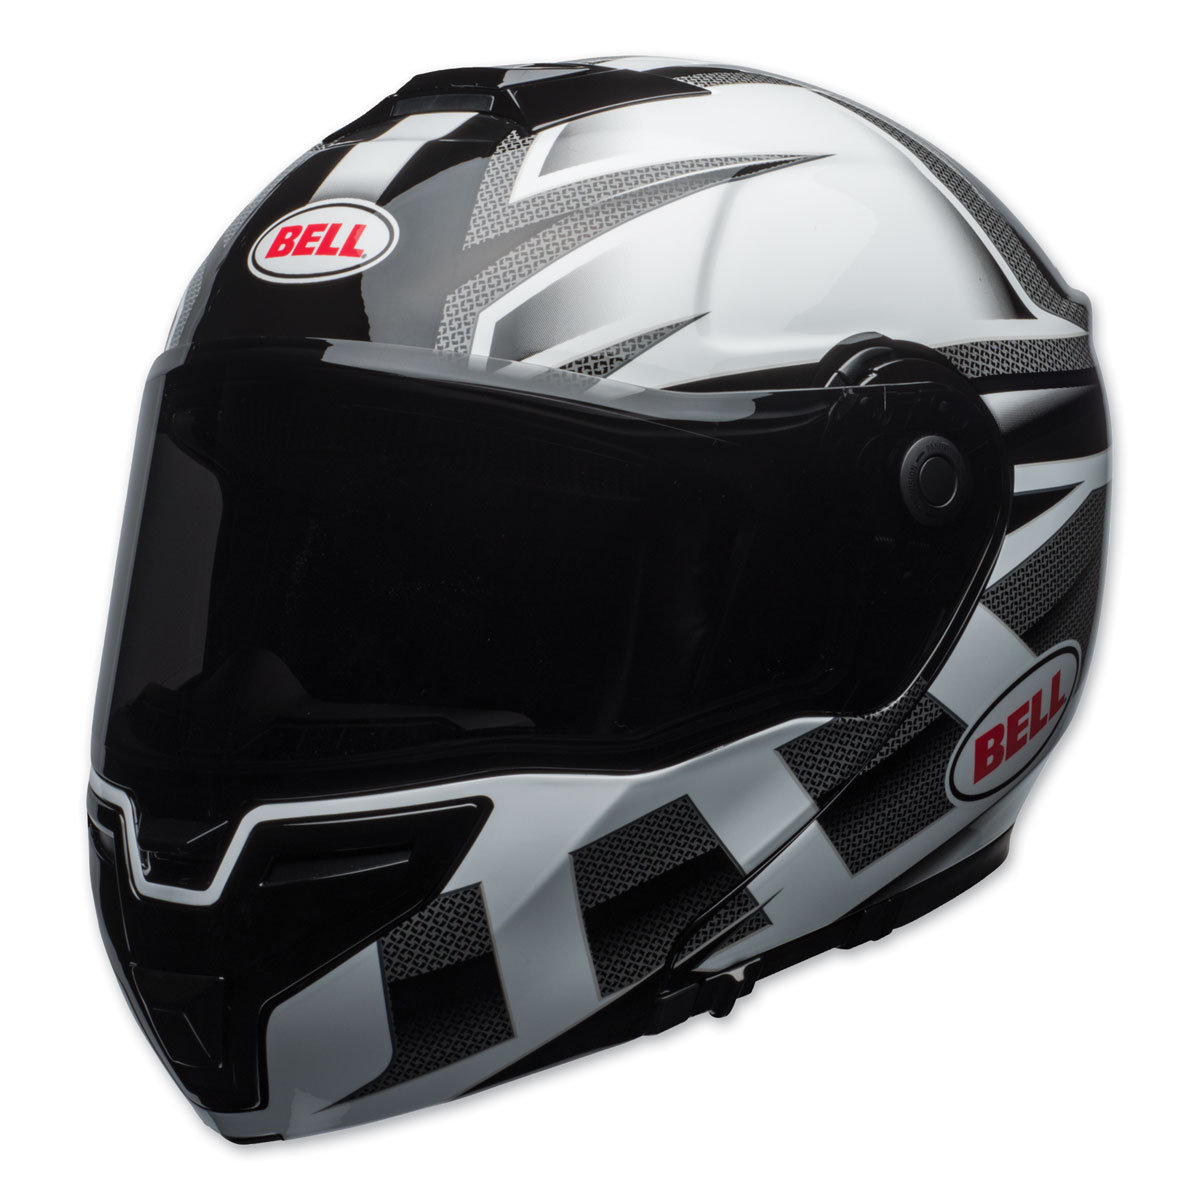 Bell SRT Predator Gloss White/Black Modular Helmet